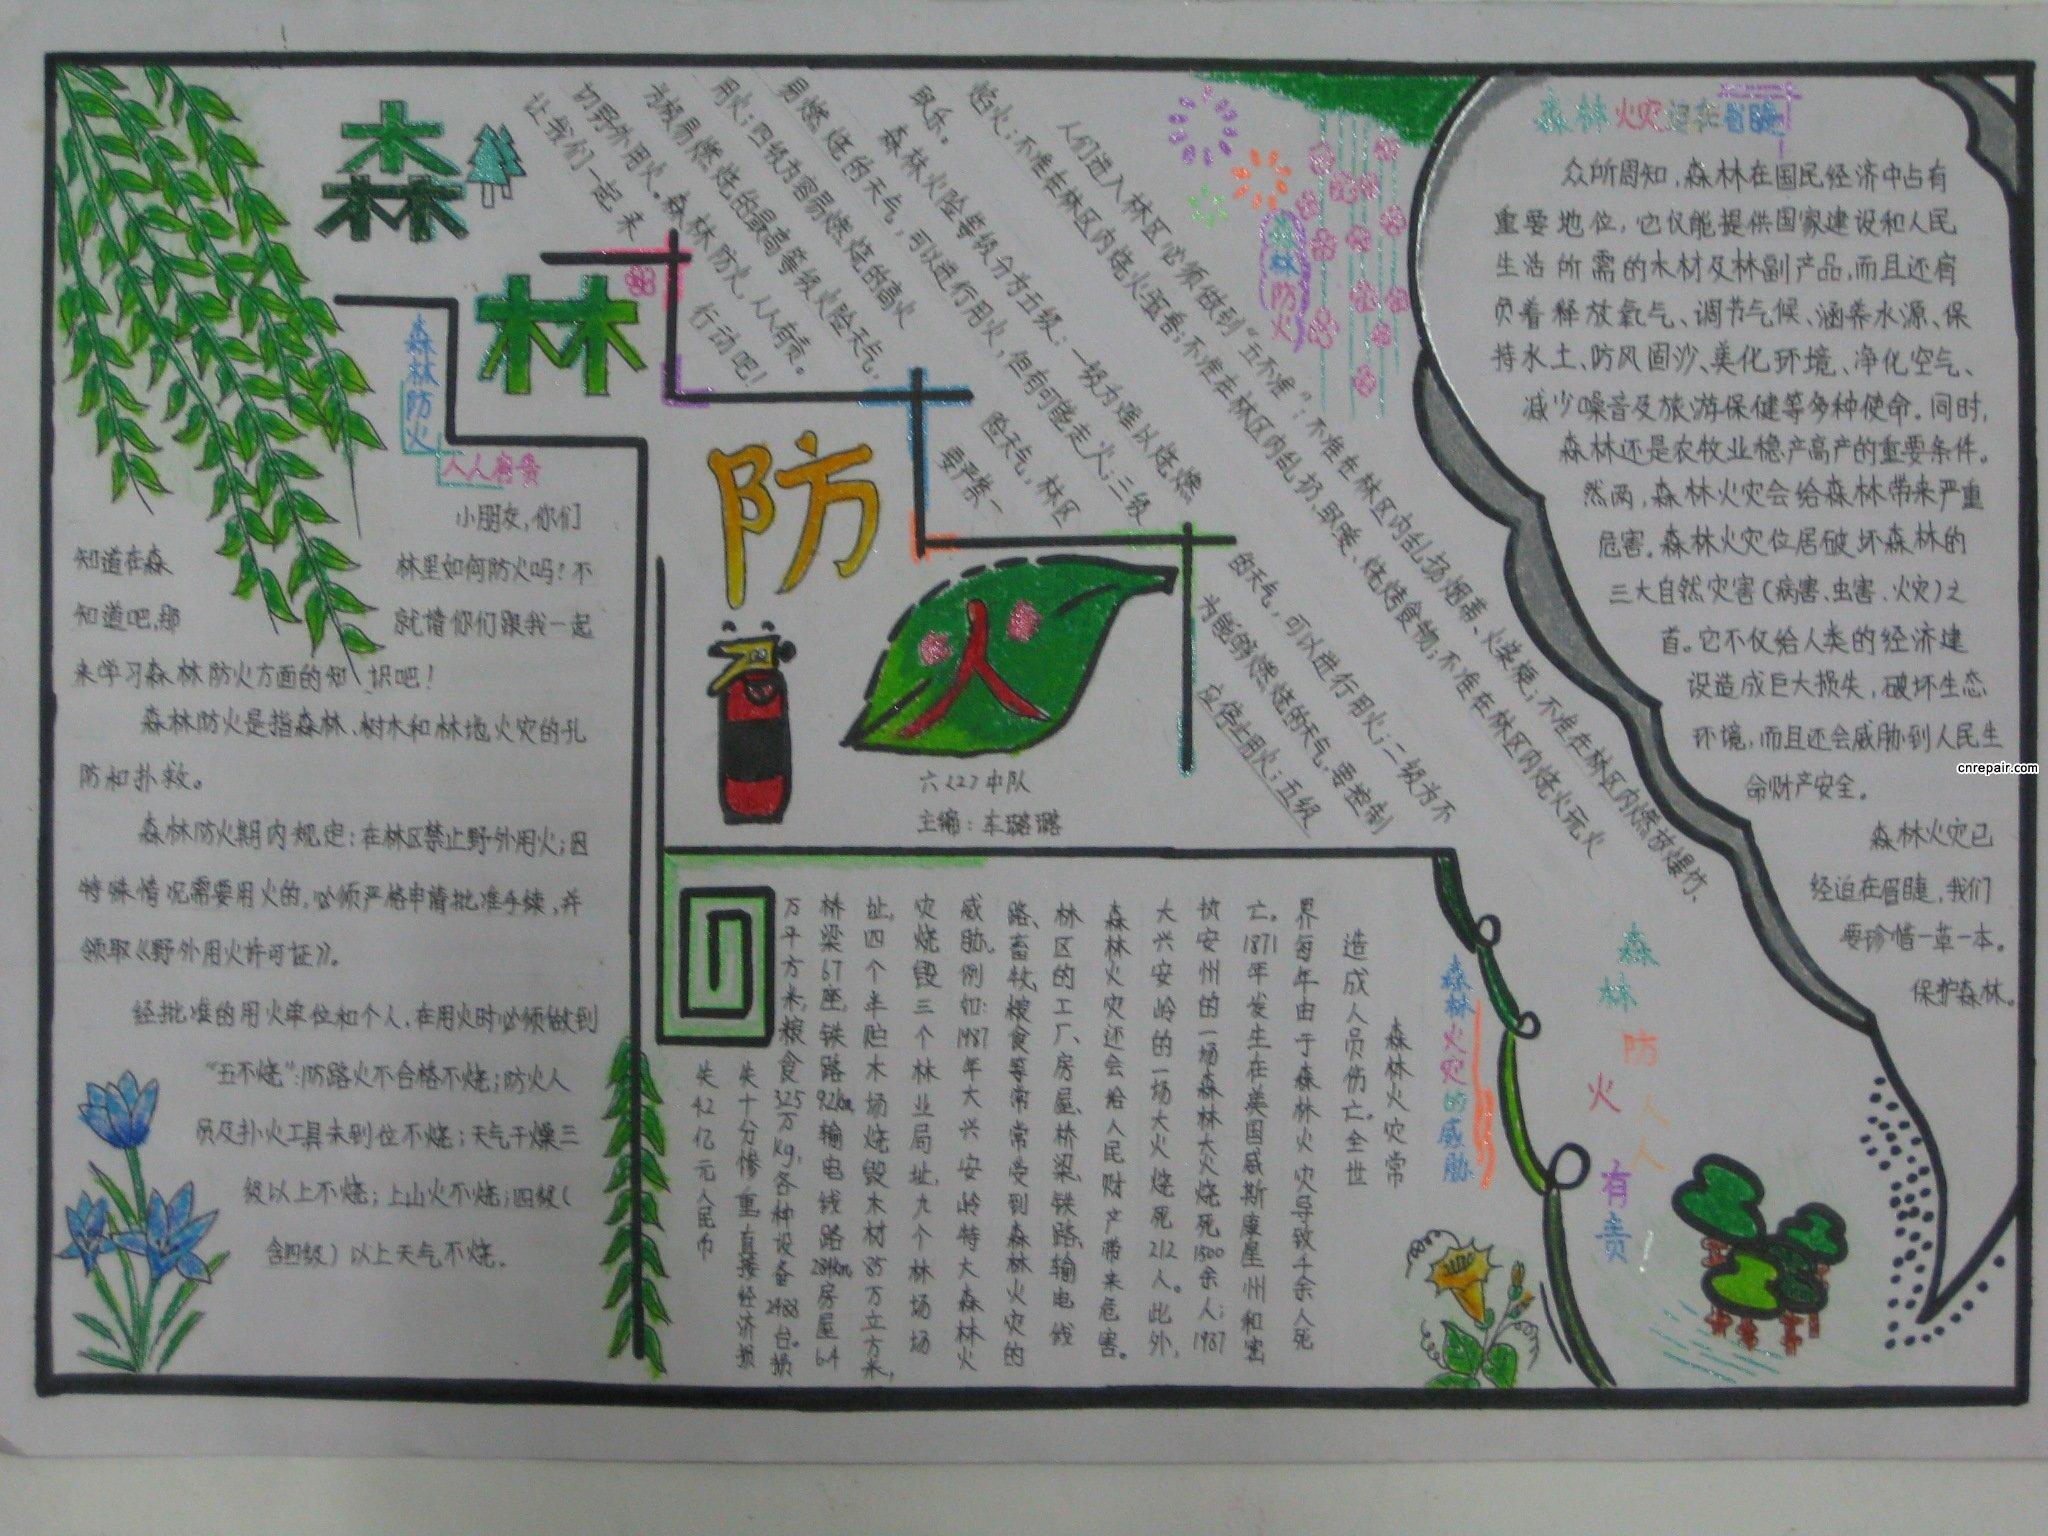 求图片:森林手抄报图片